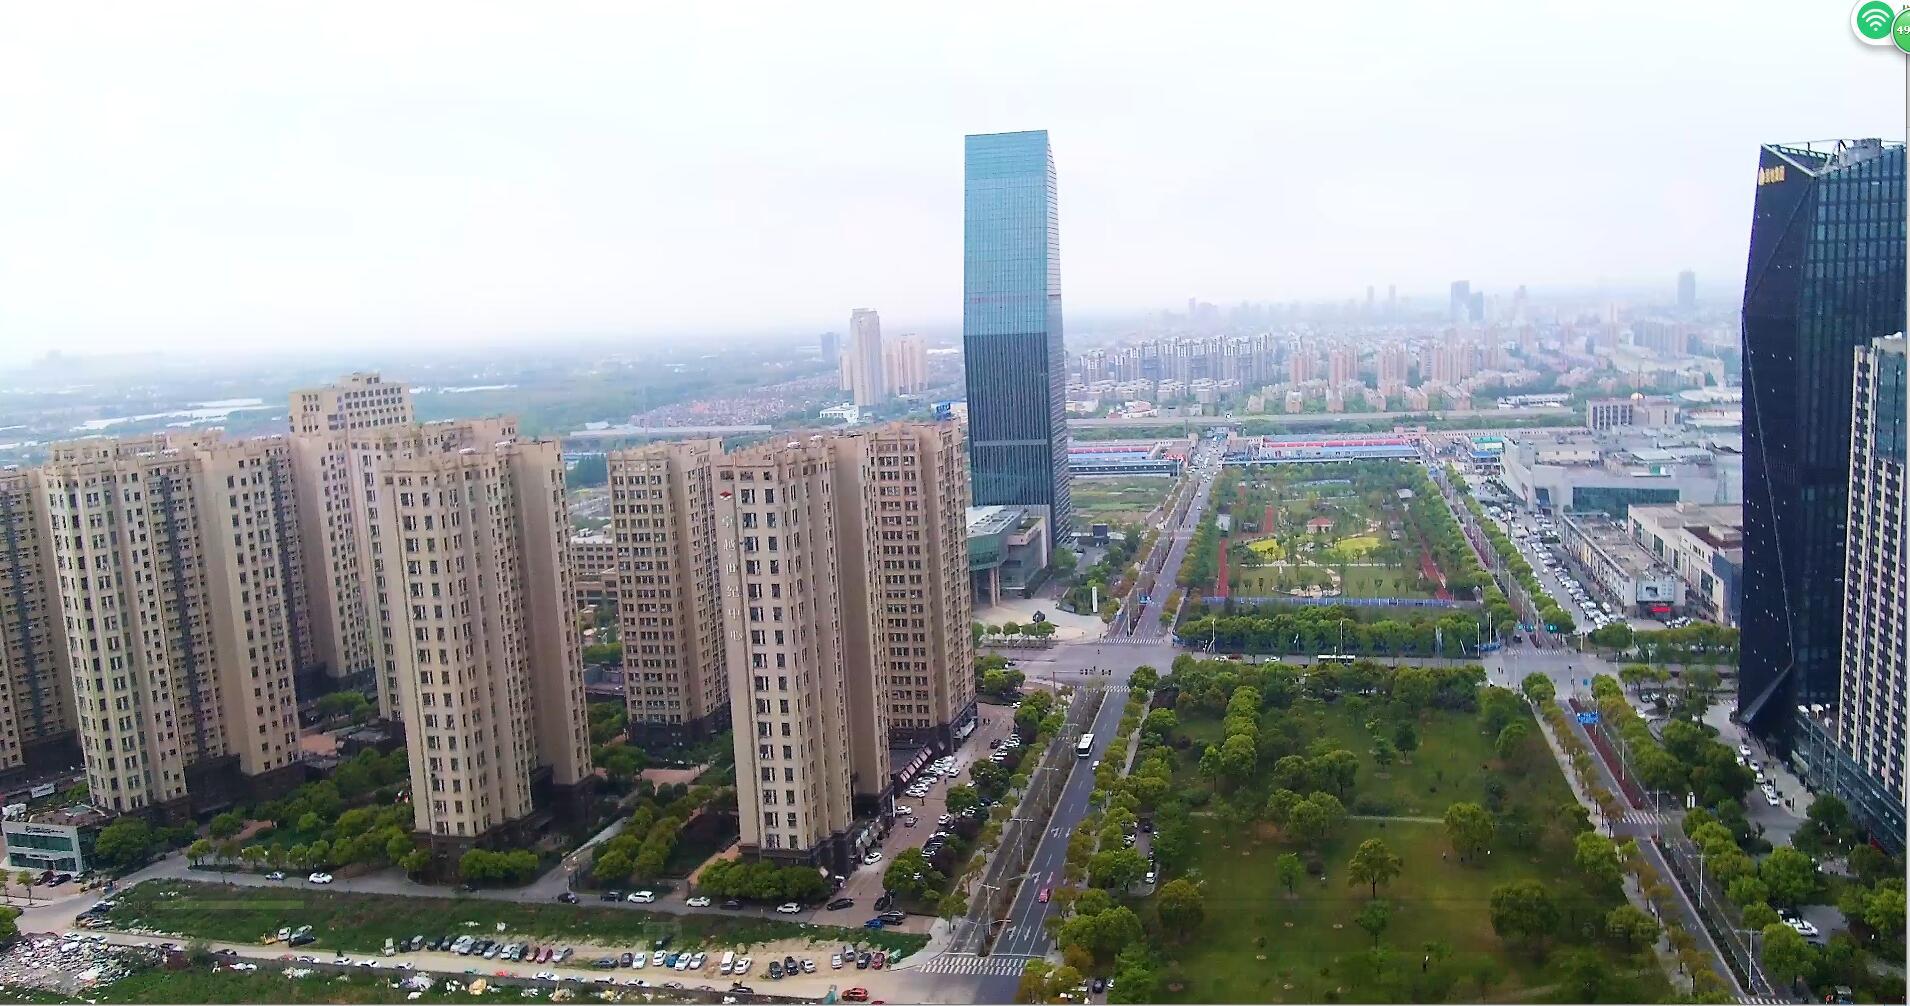 上海南桥商业中心俯拍4K高清视频